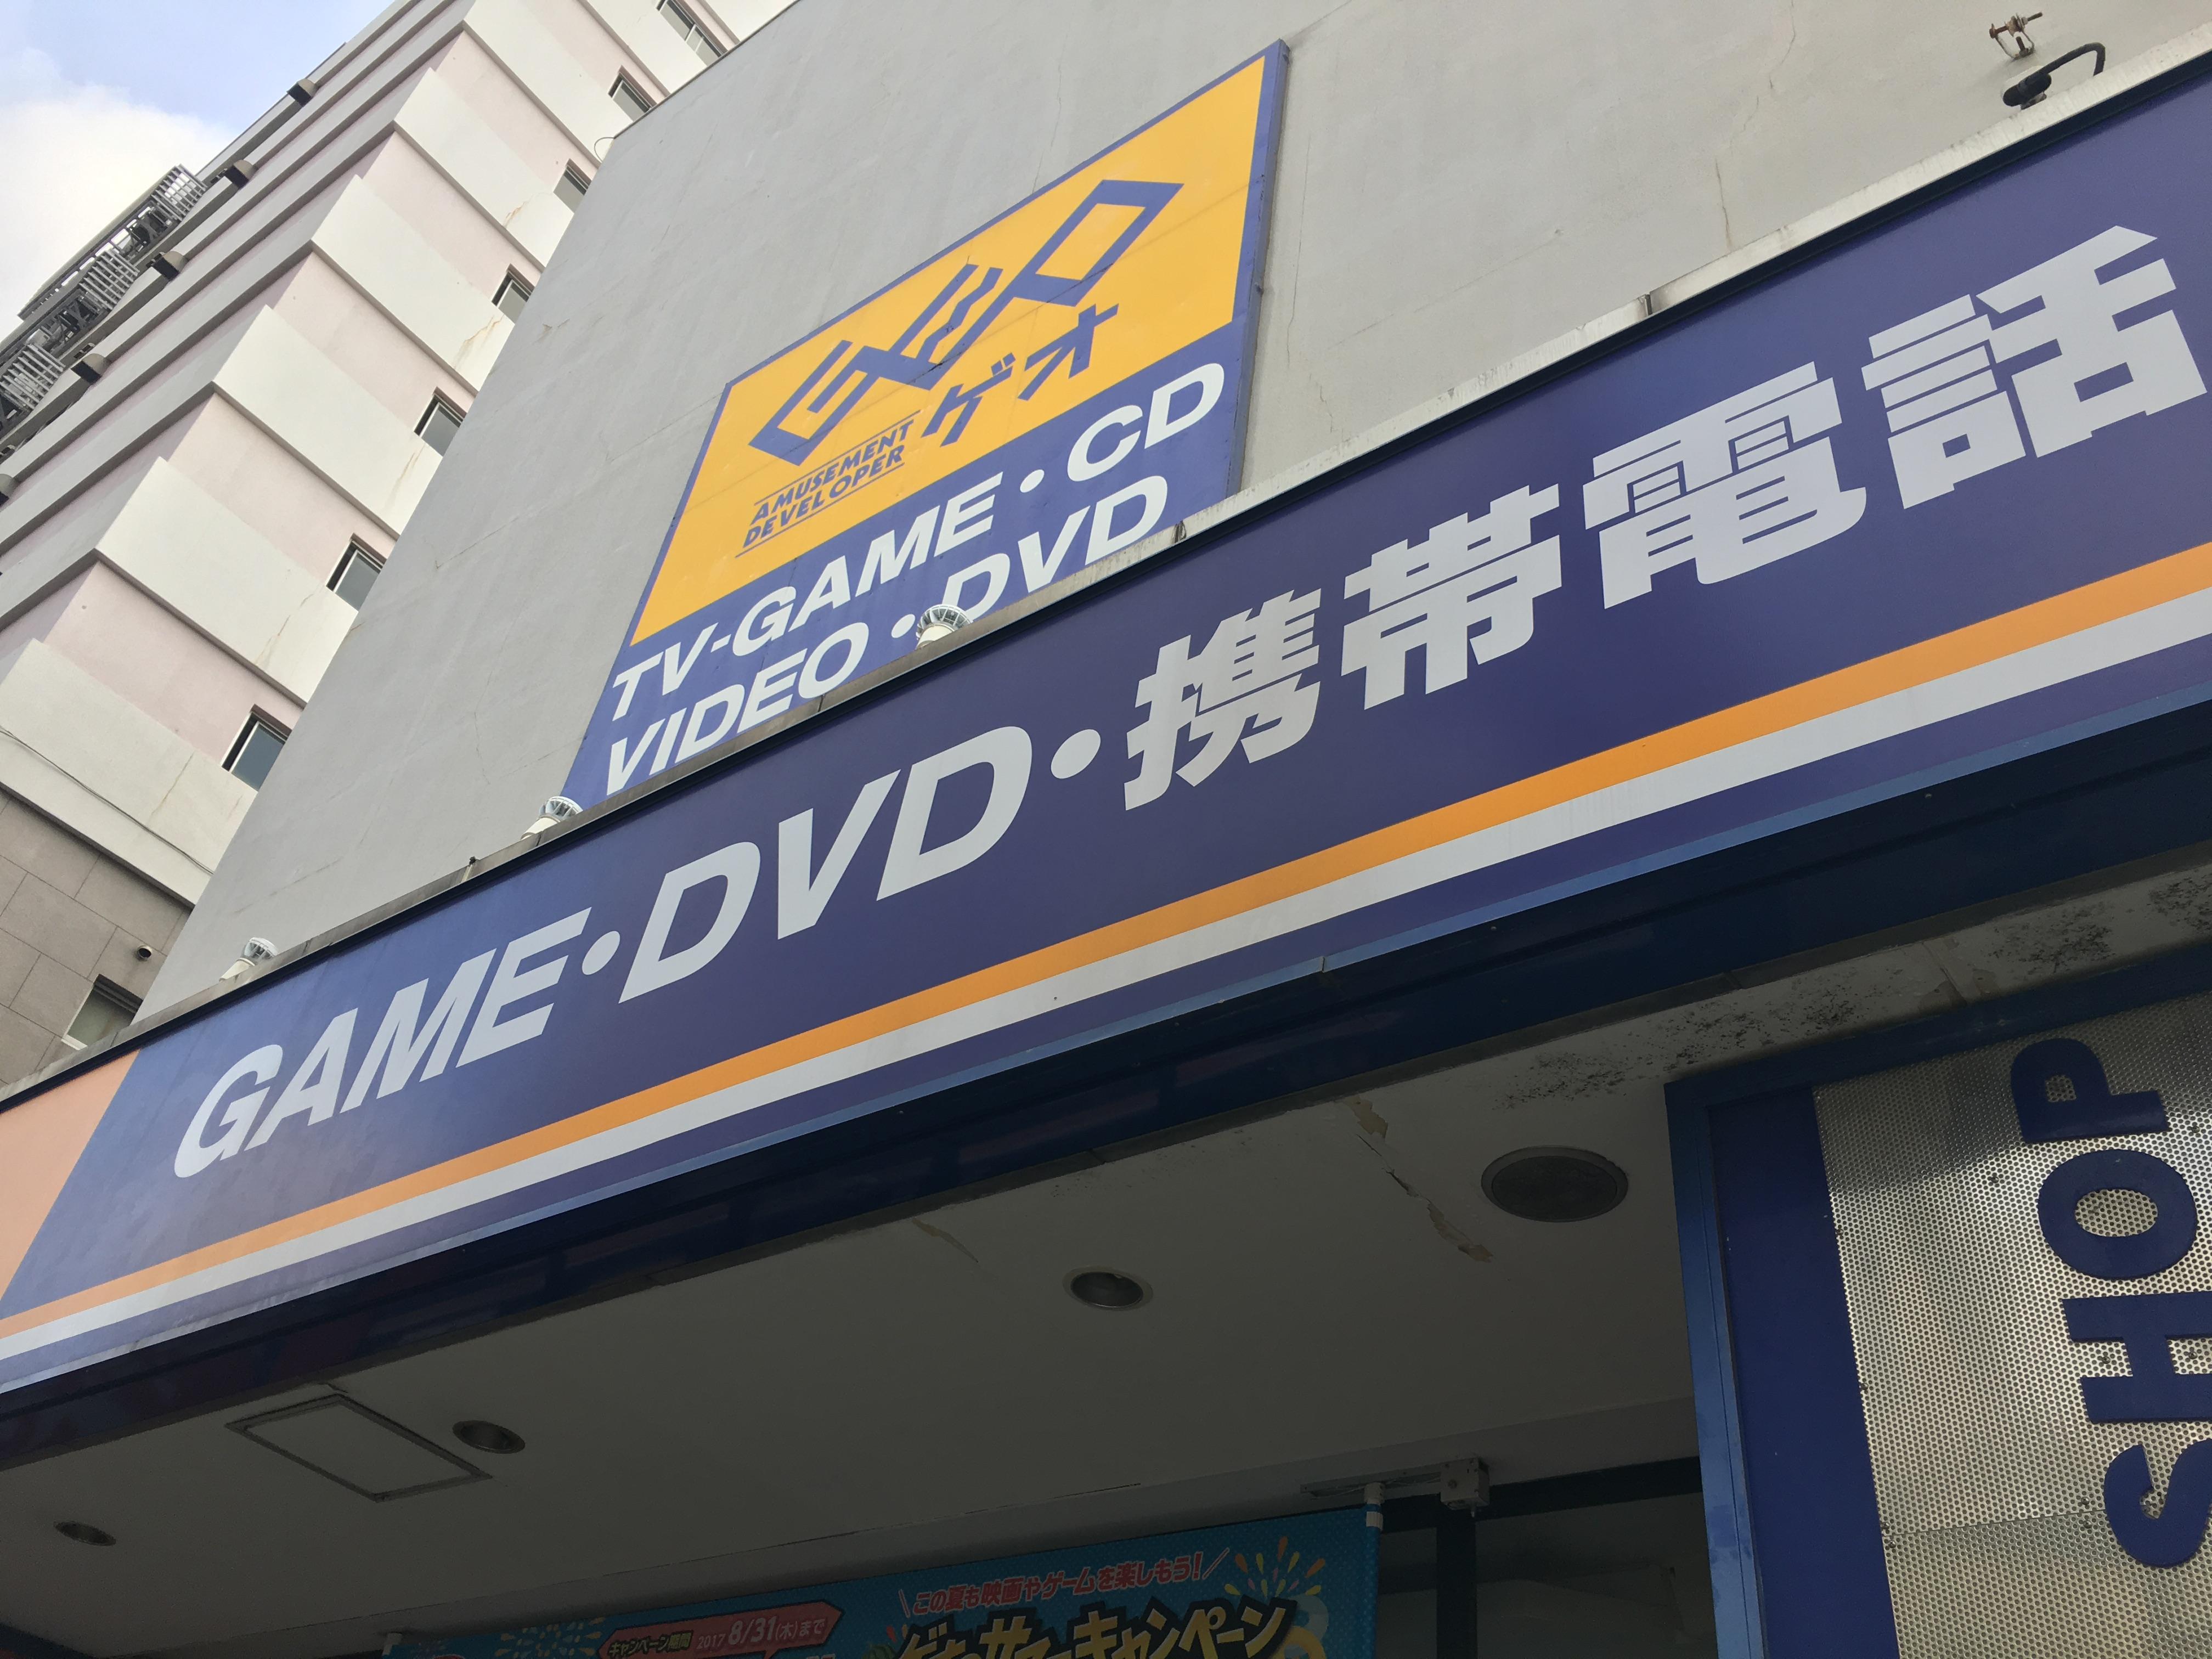 ゲオのバイヤーと店舗担当者が語る「Nintendo Switch品薄の情報戦」